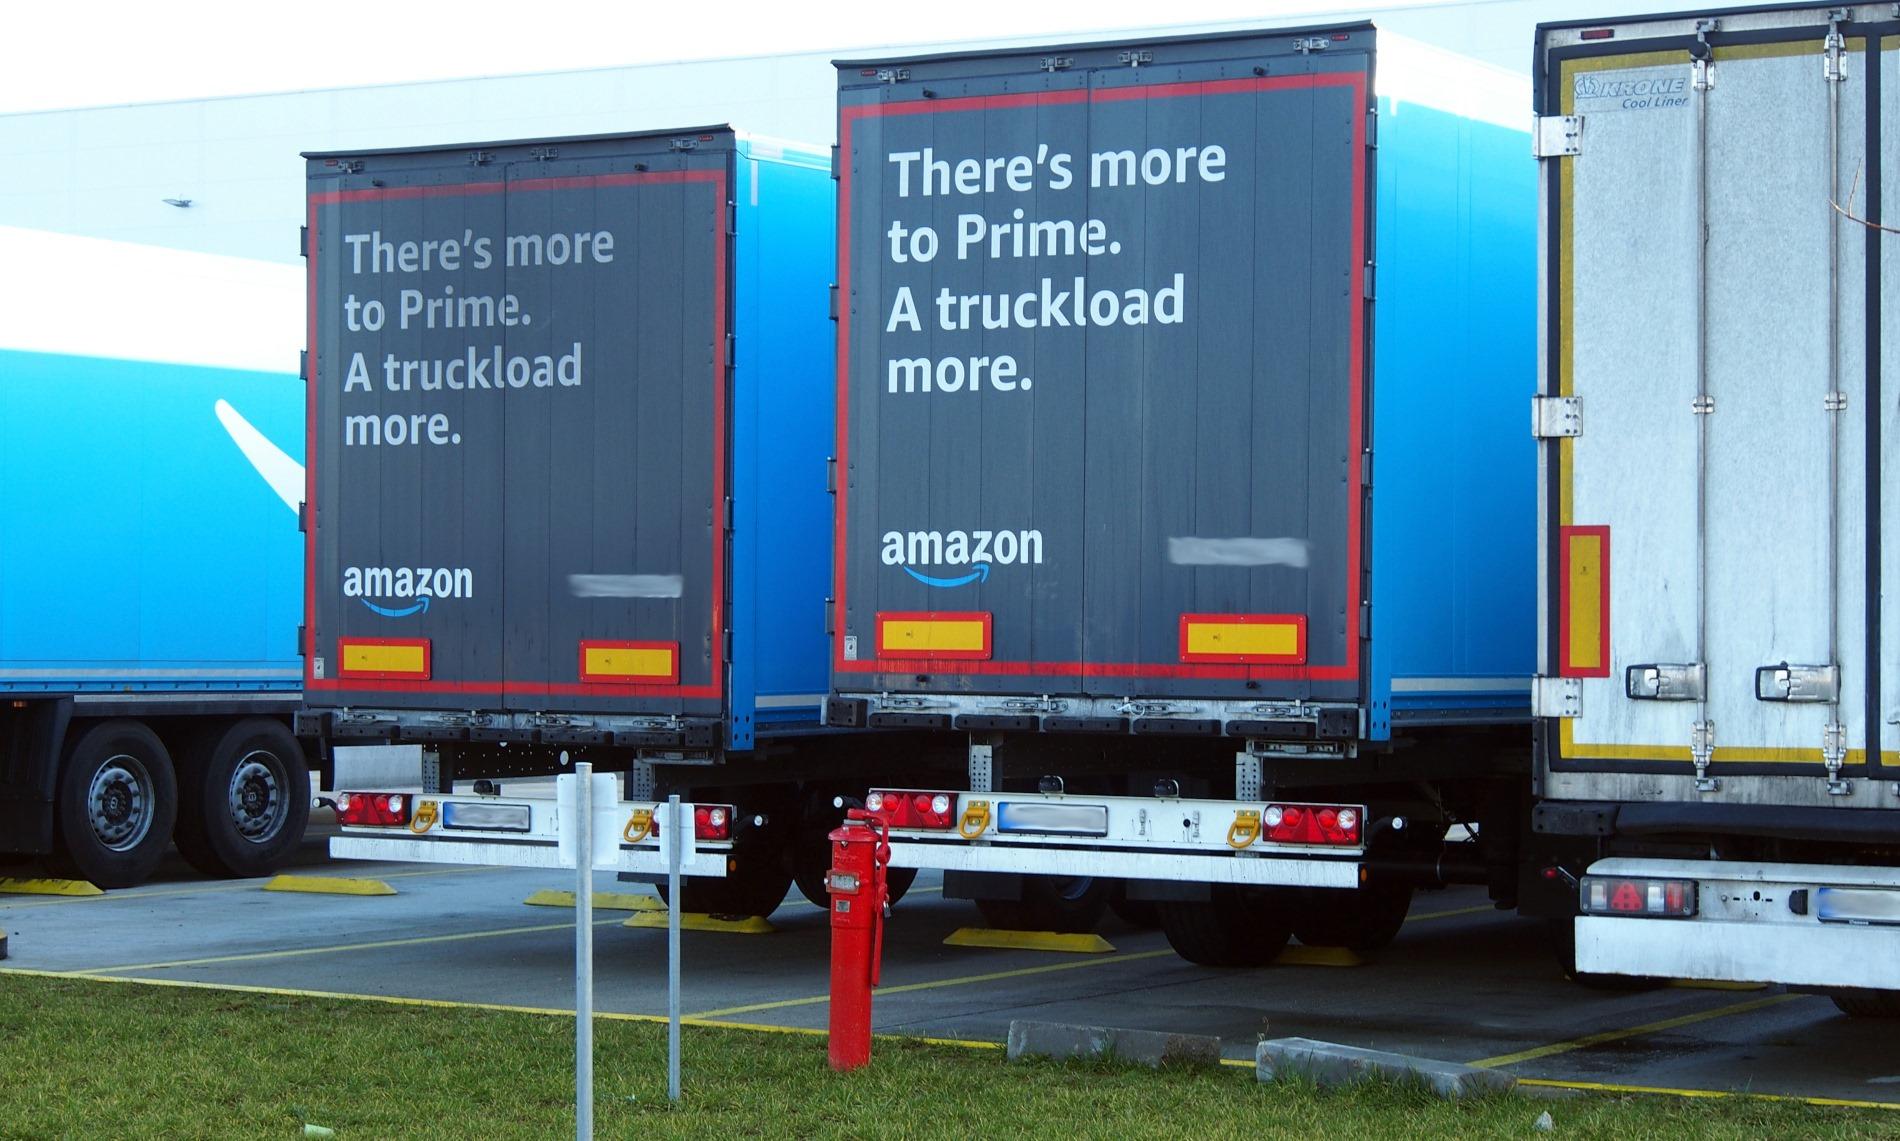 Otworzyli specjalną strefę dla Amazona, by ułatwić transport między Wyspami a UE